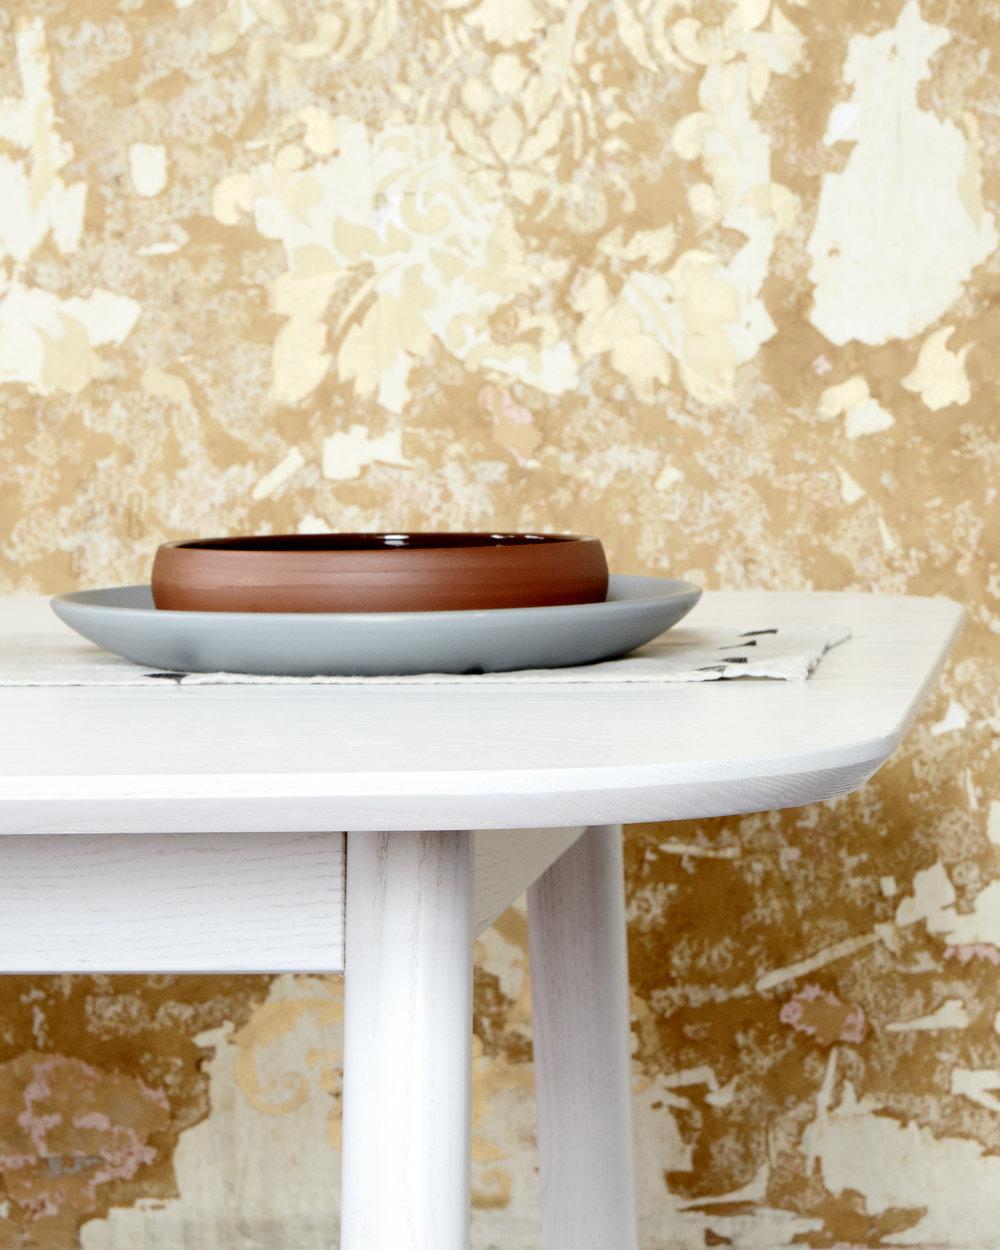 CG Ceramics for BF Home bowl plate